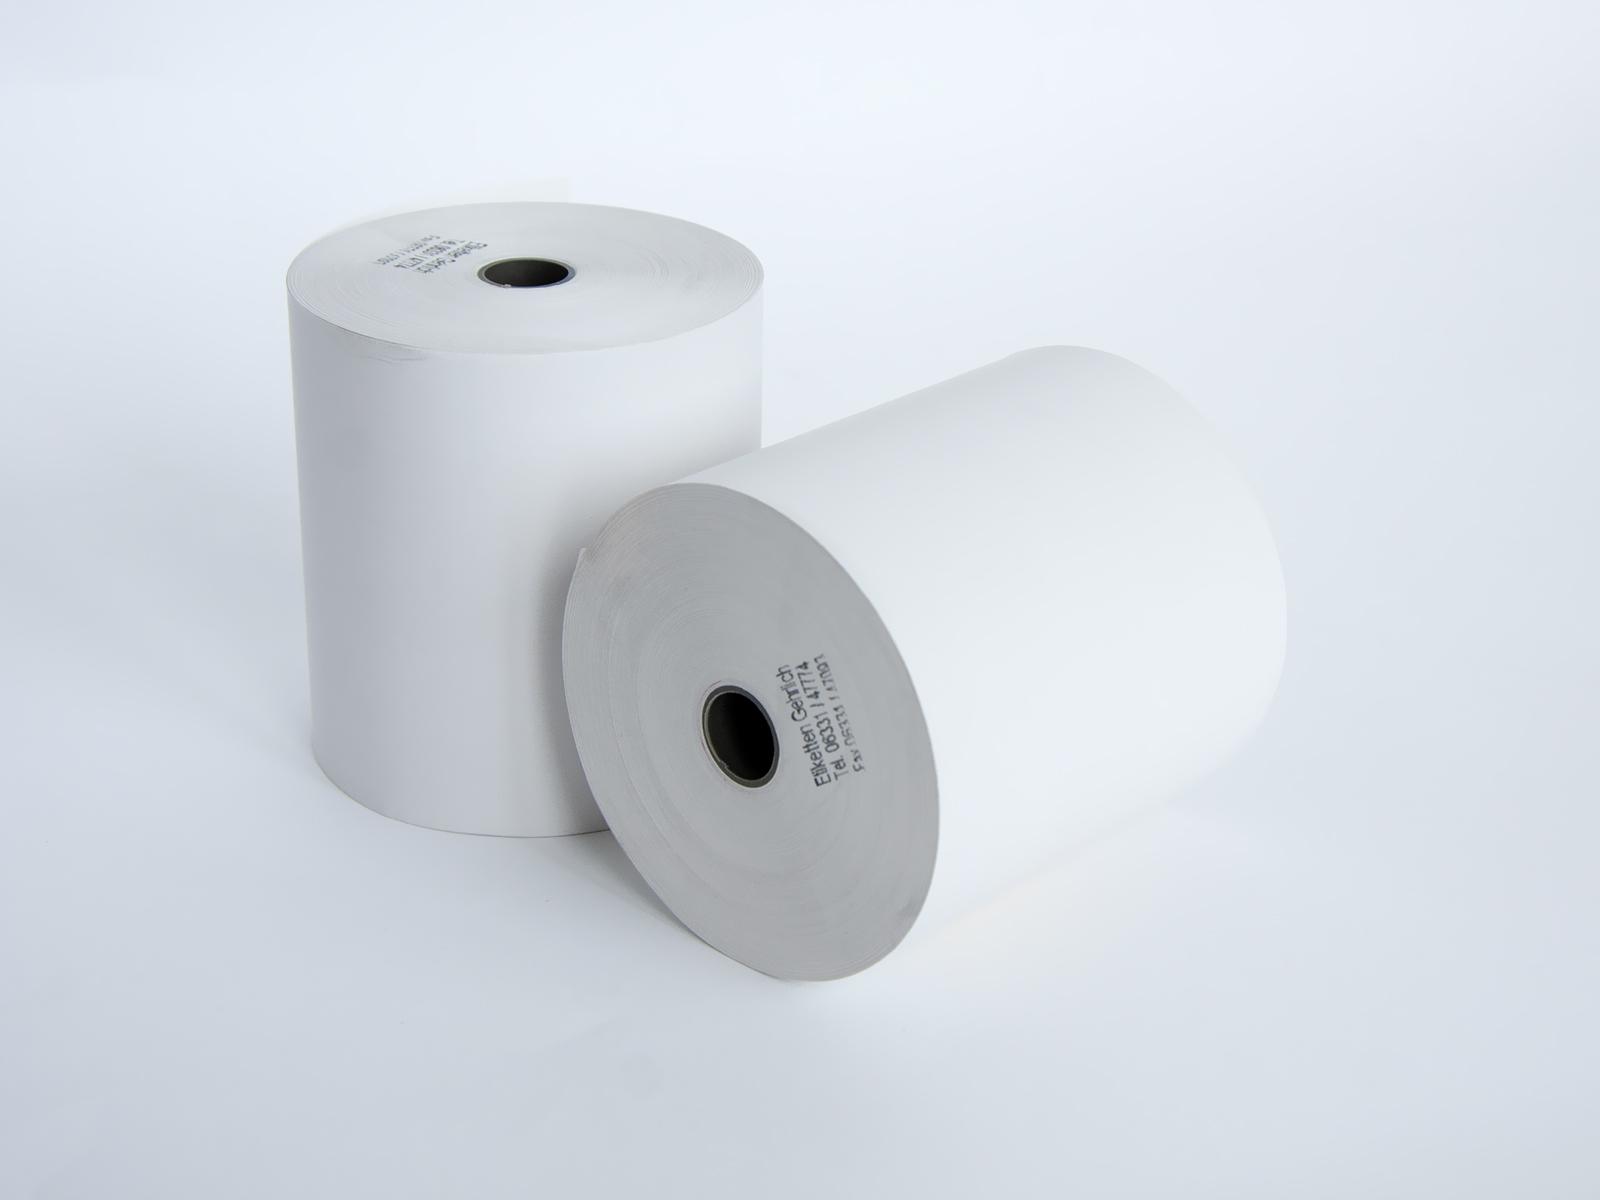 Papier-Kassenrolle weiß 40 m lang 76 mm breit 40 m